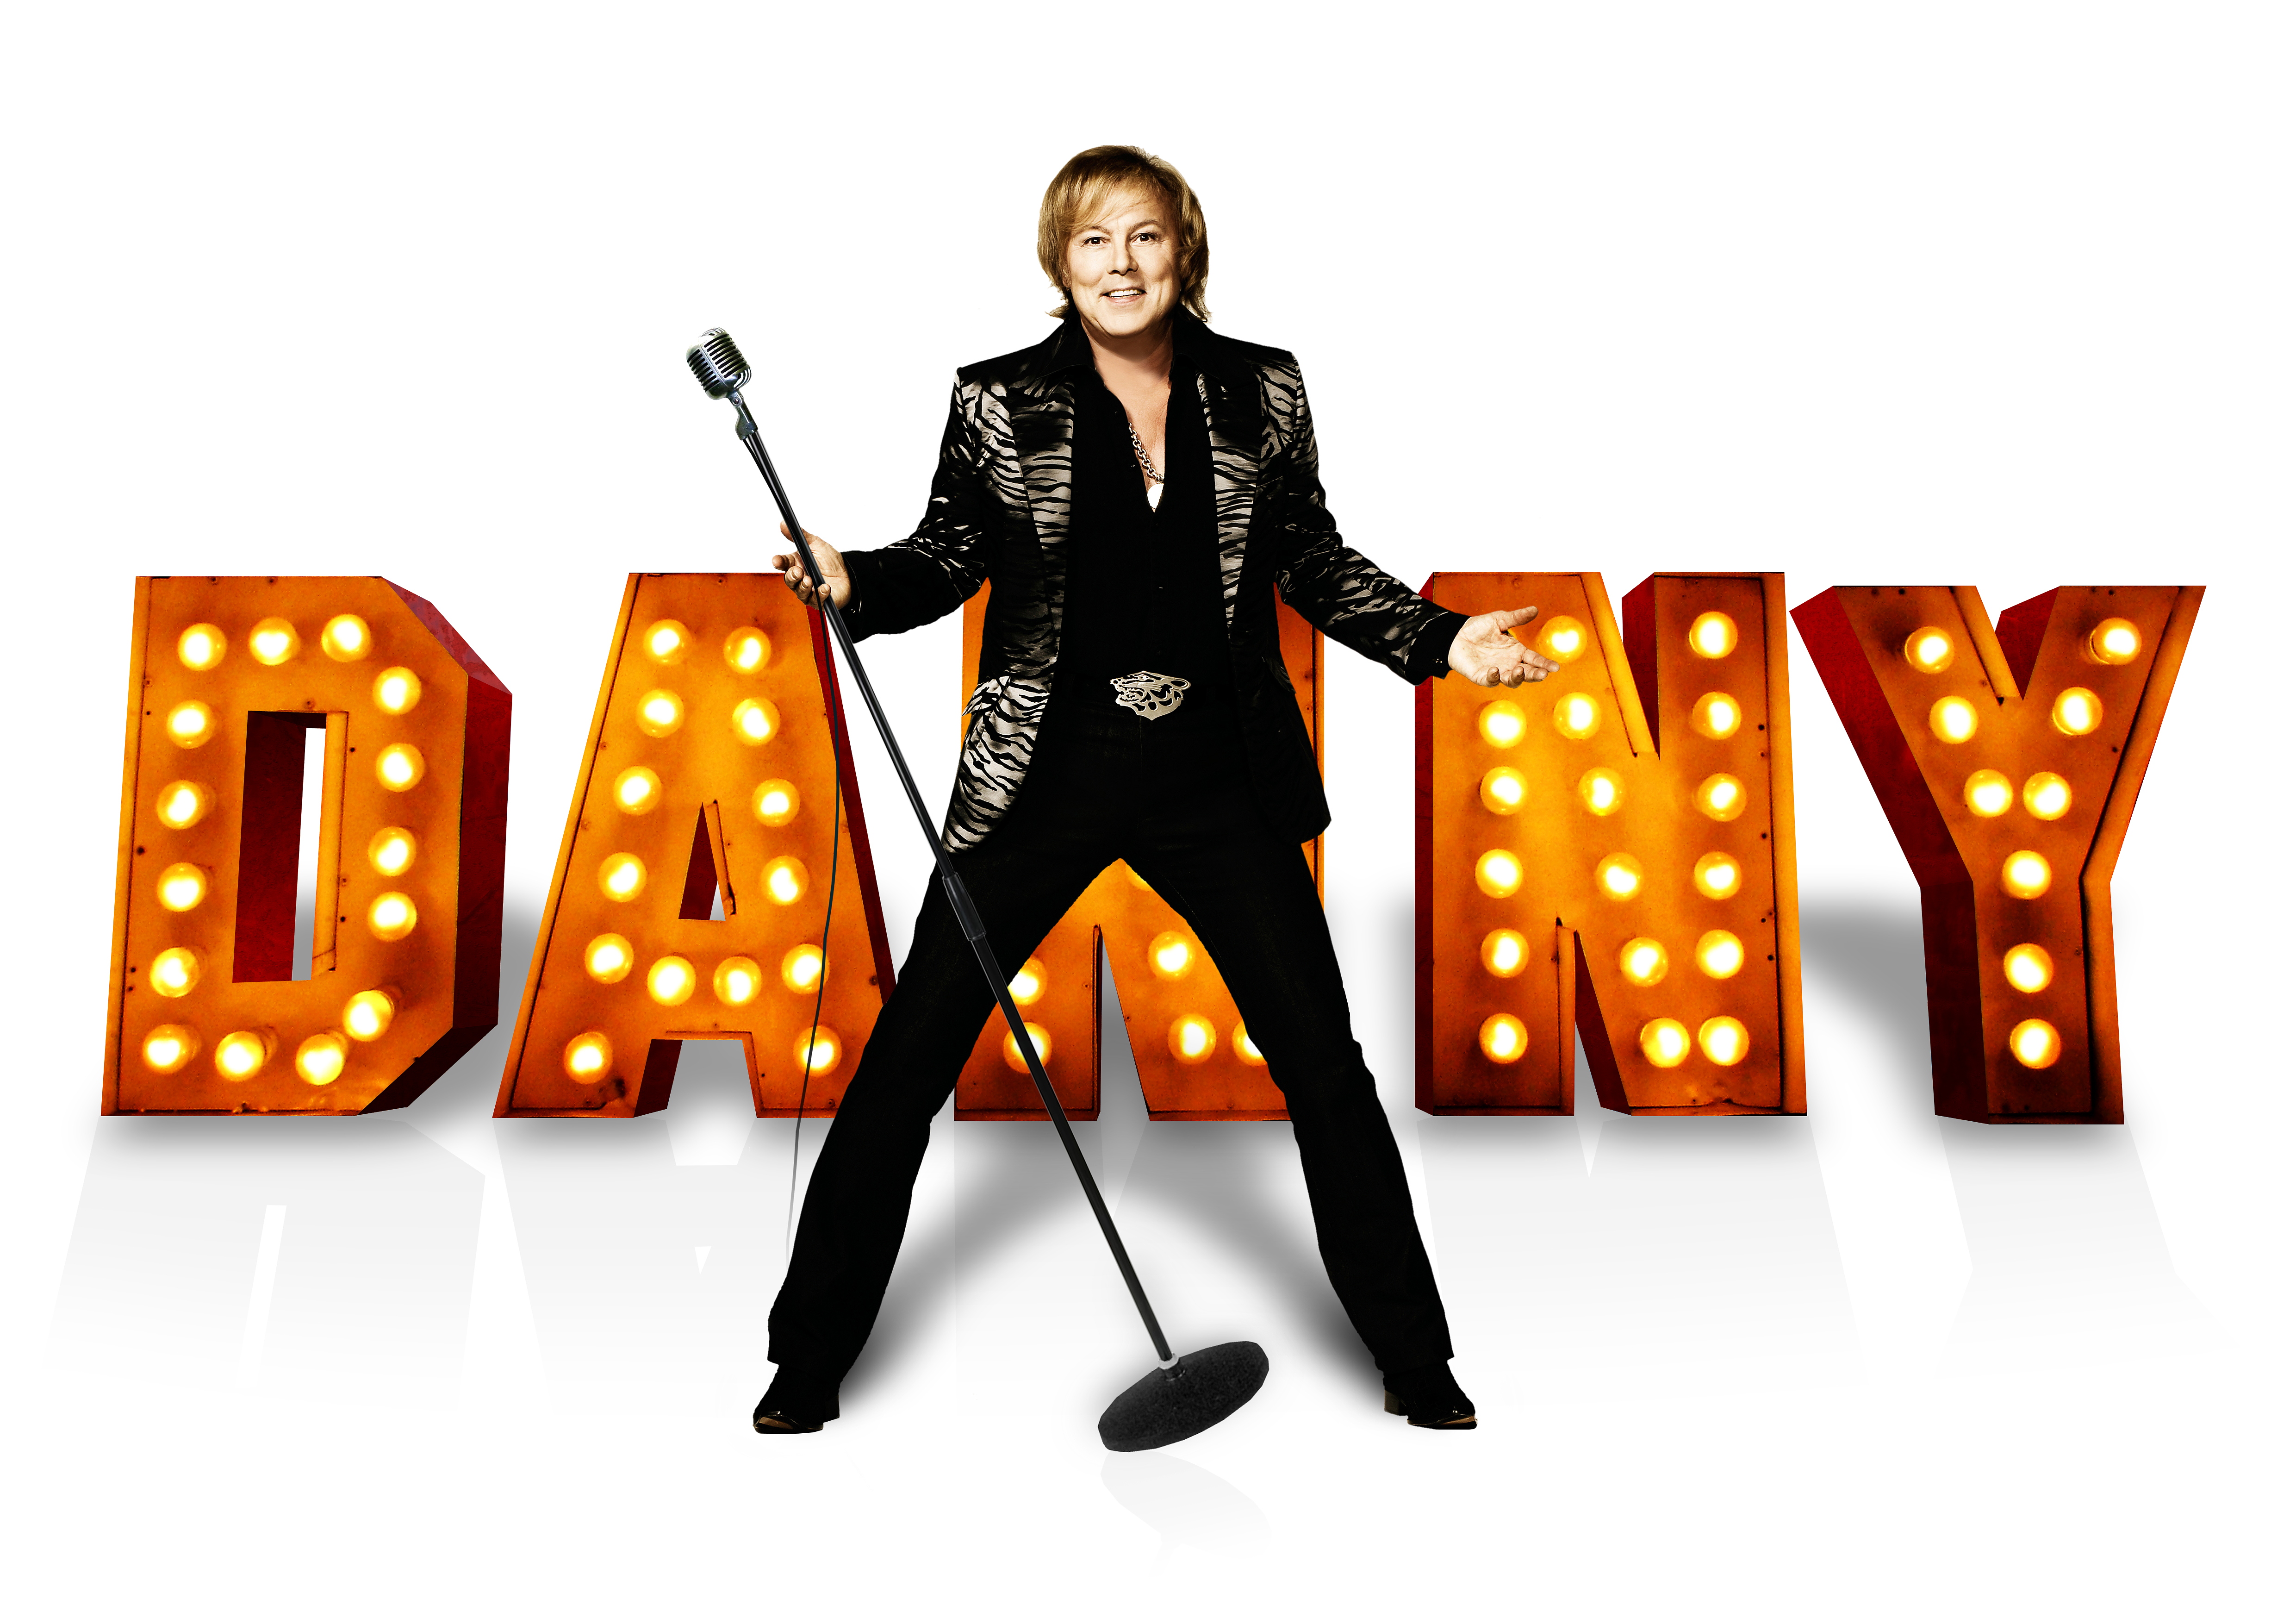 Danny & D Voices